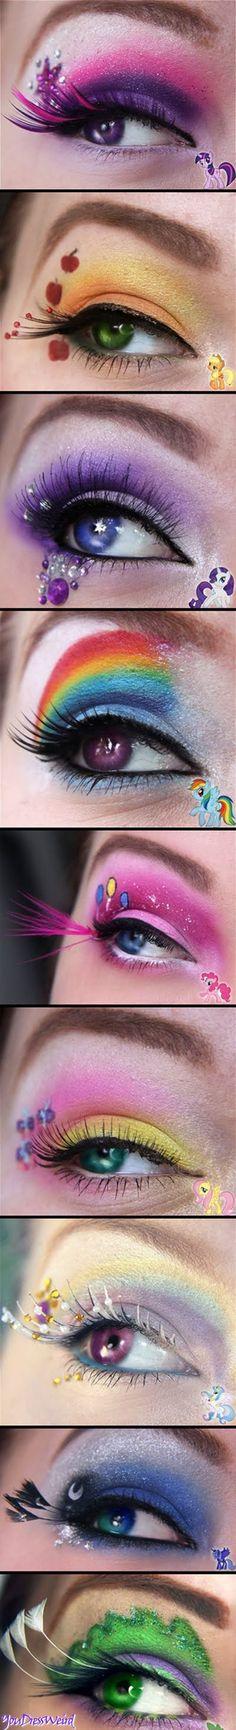 Crazy make-up